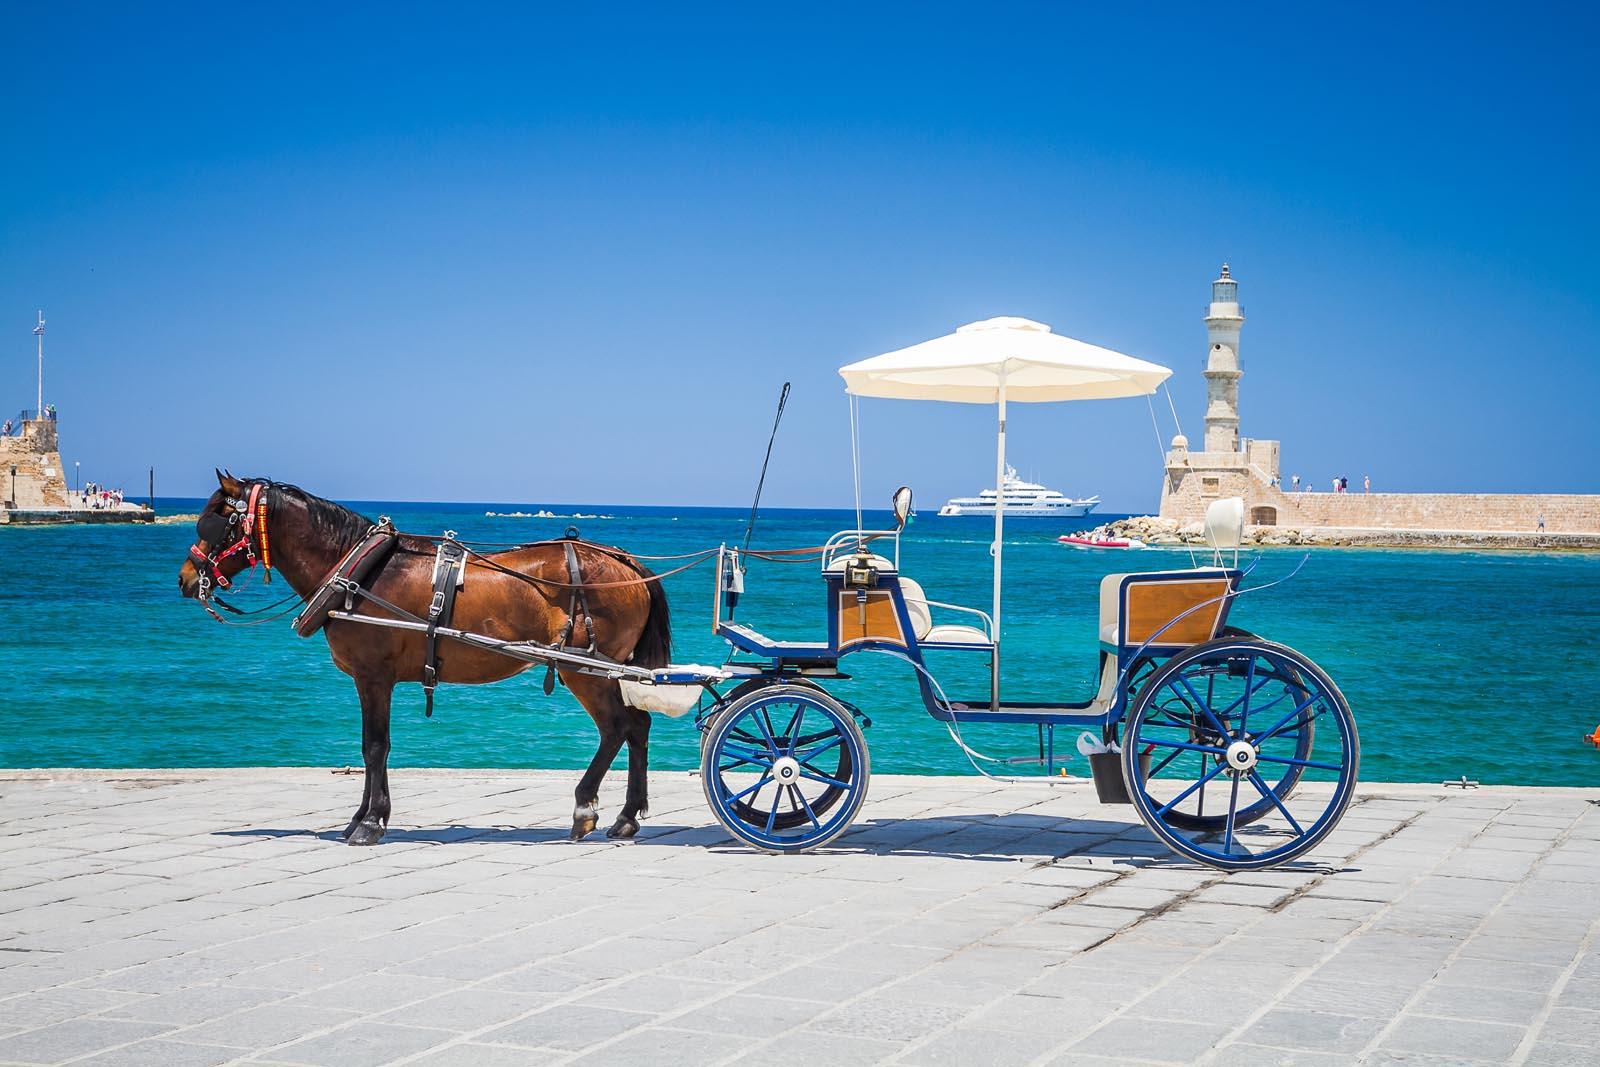 Greece-Crete_382922164